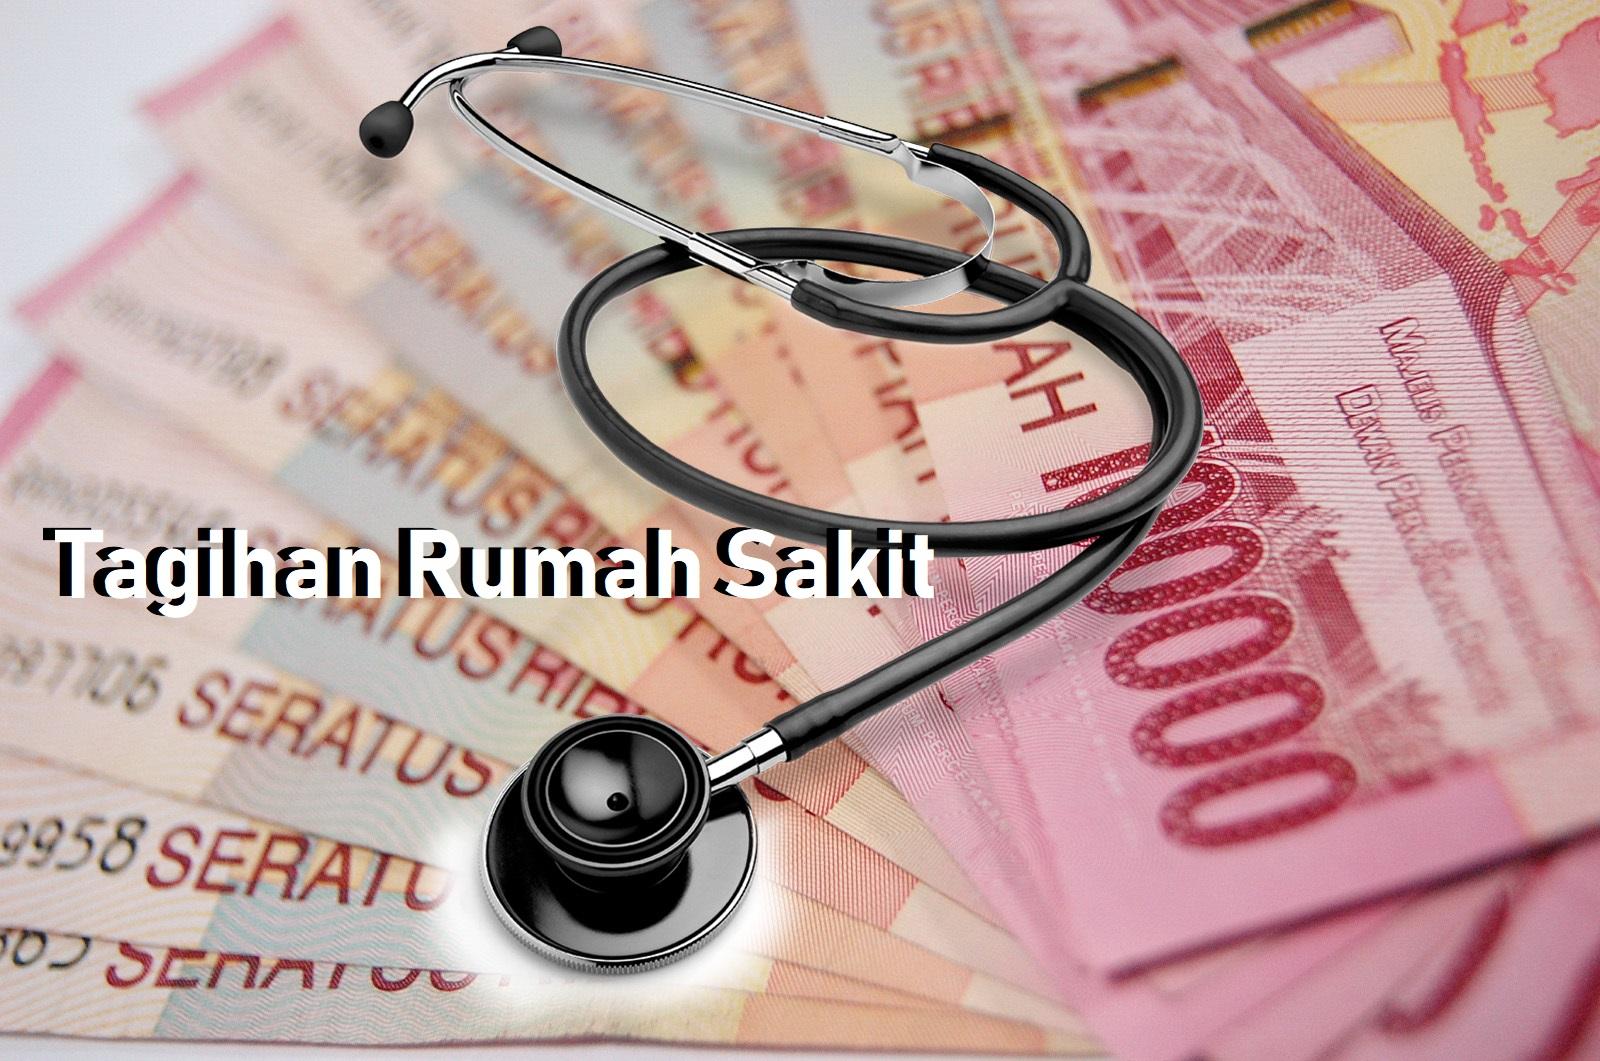 Tagihan Rumah Sakit